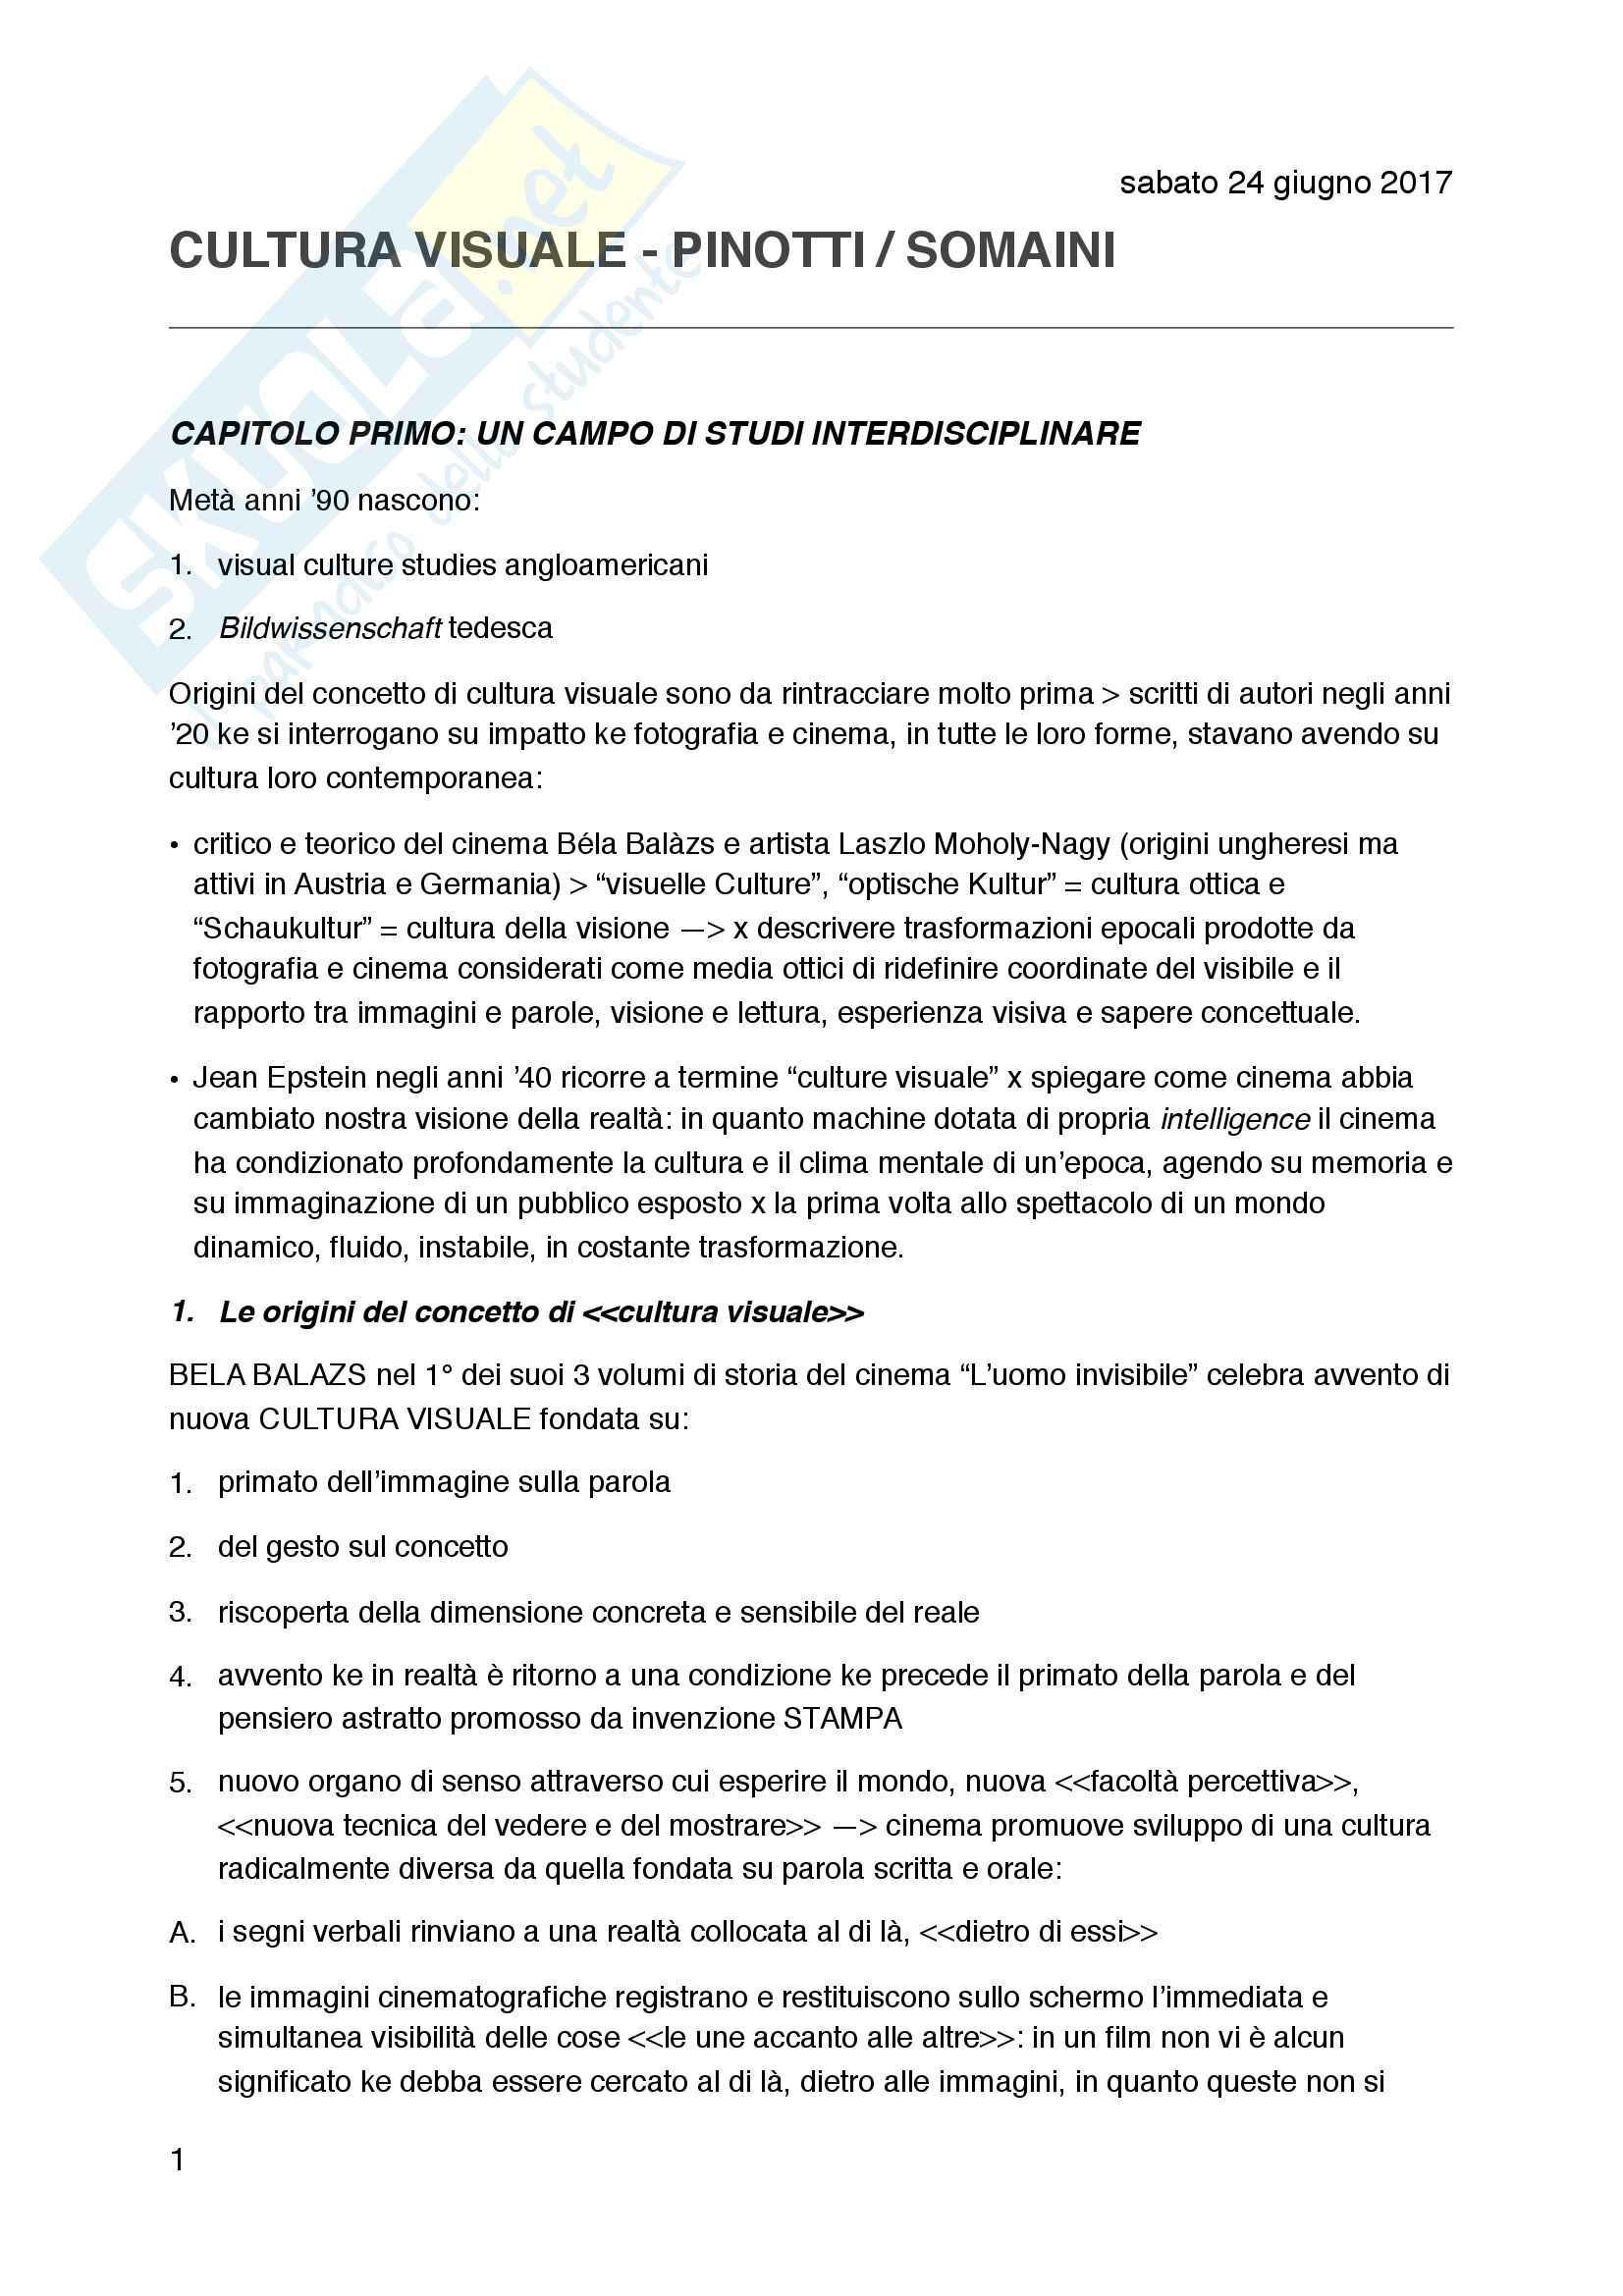 Riassunto esame Teoria della Rappresentazione e dell'Immagine, prof. Pinotti, Libro consigliato Cultura Visuale, Pinotti e Somaini